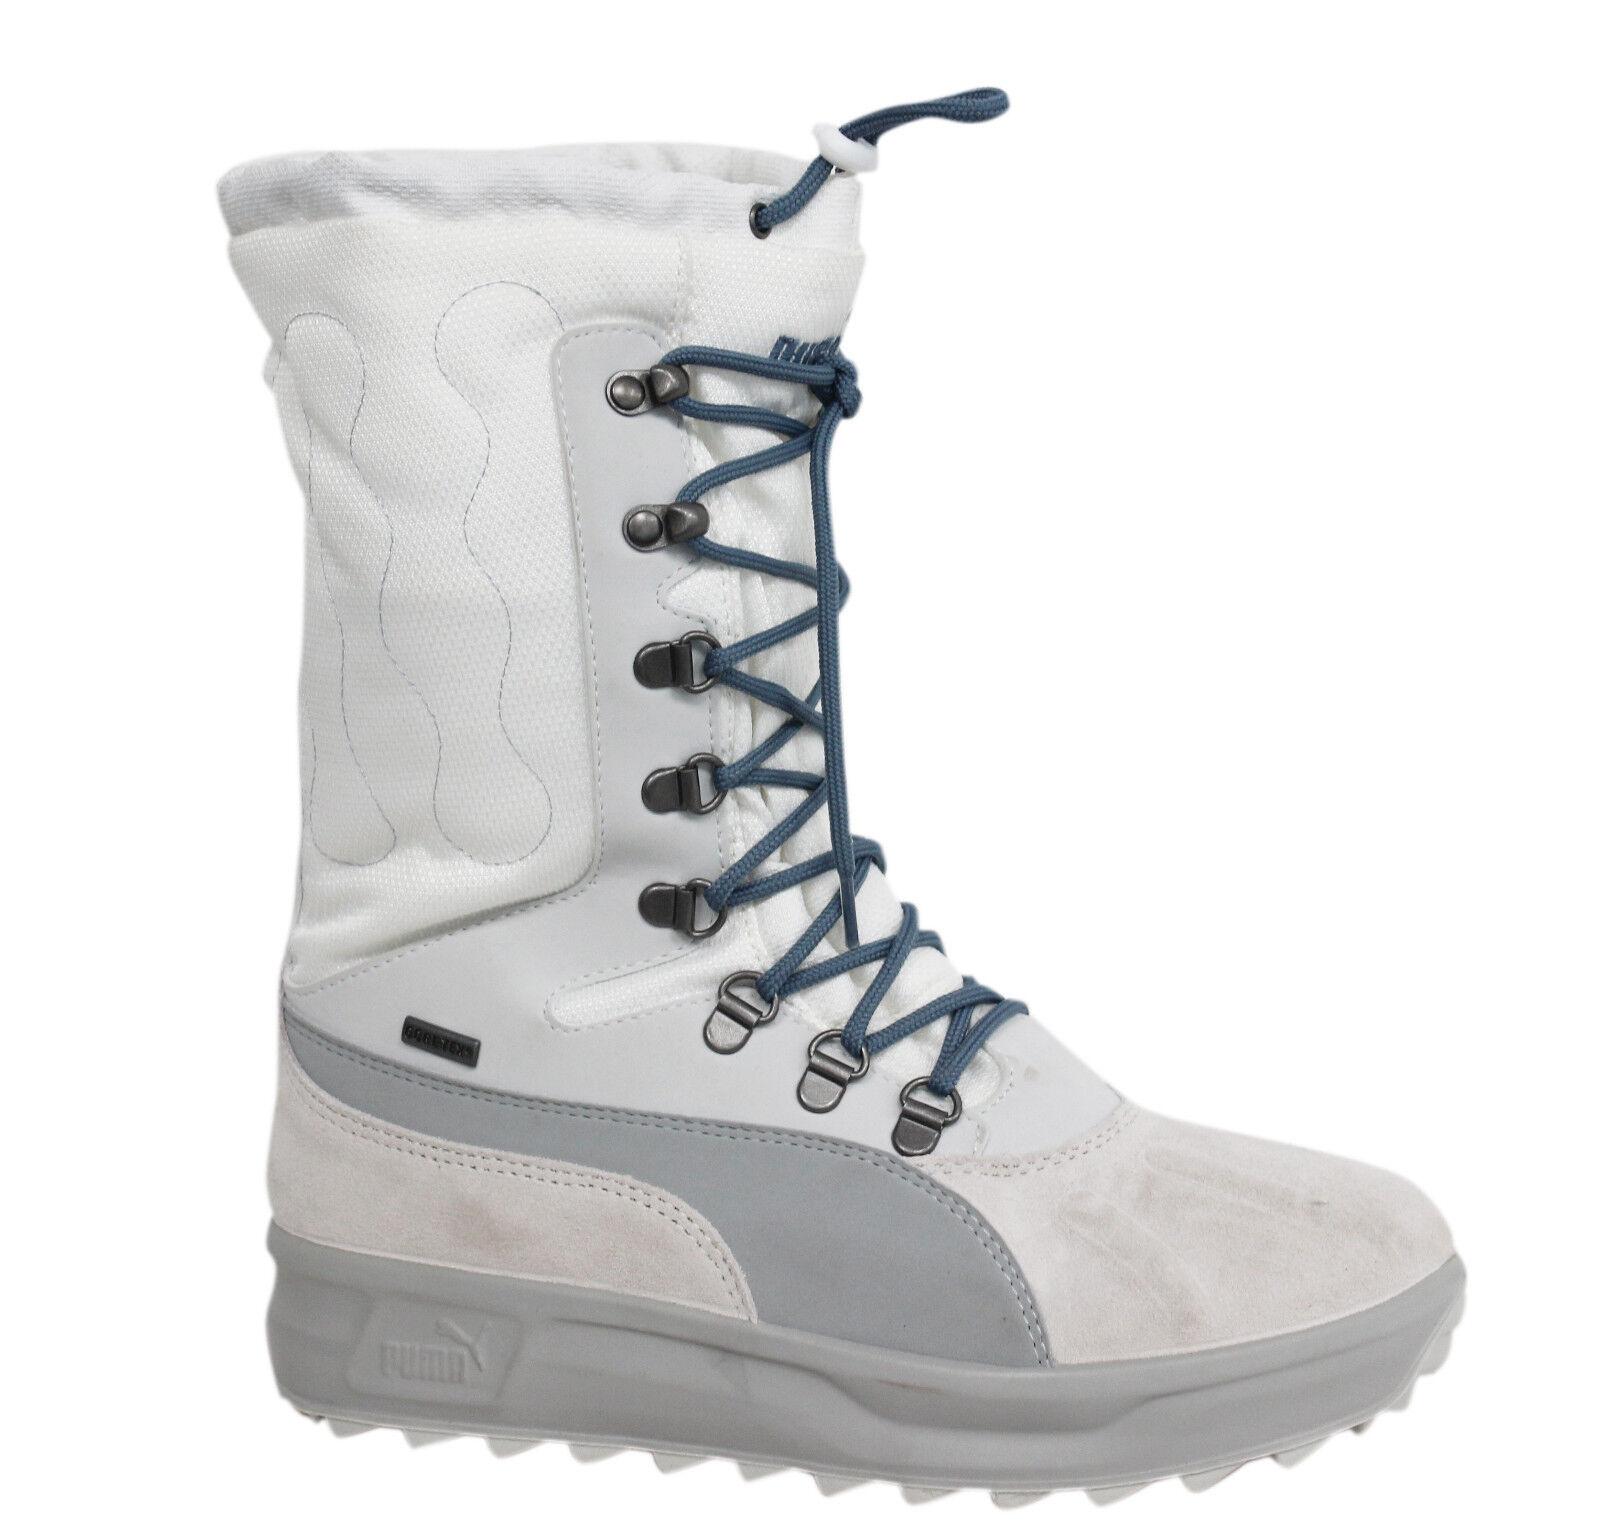 Puma Niveus Gtx Gore-Tex Botas con 304271 cordones Mujer StormCell Blanco 304271 con 08 U35 303281